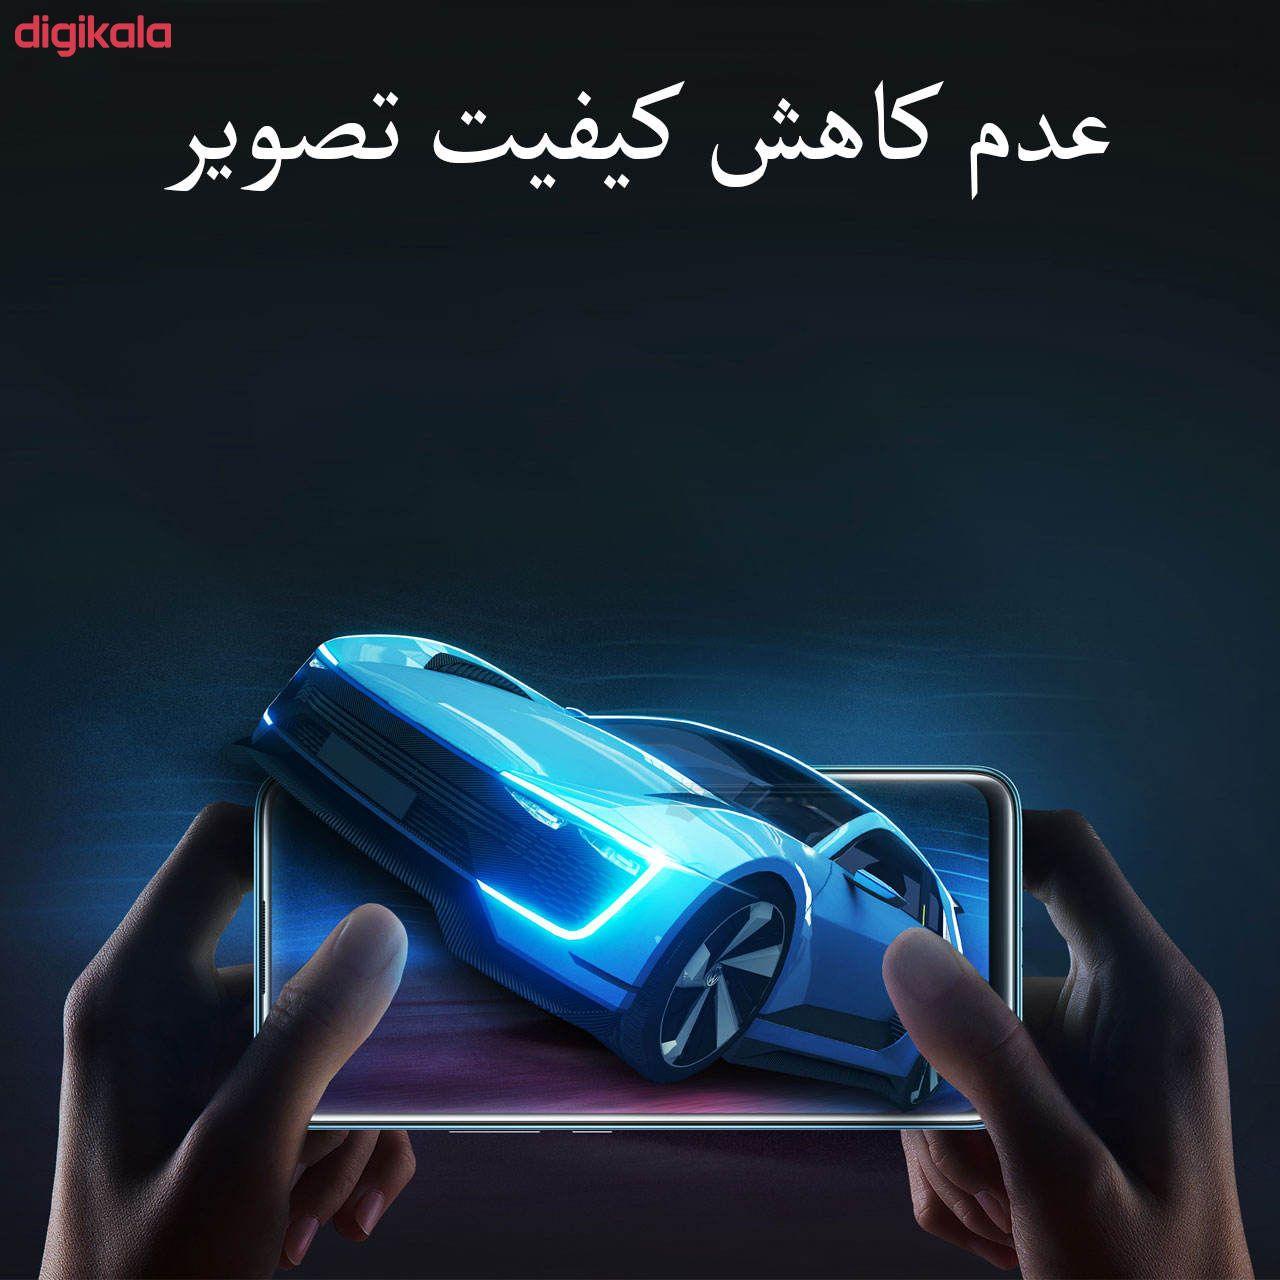 محافظ پشت گوشی شیپ مدل BKSH-01 مناسب برای گوشی موبایل سامسونگ Galaxy A71 main 1 6